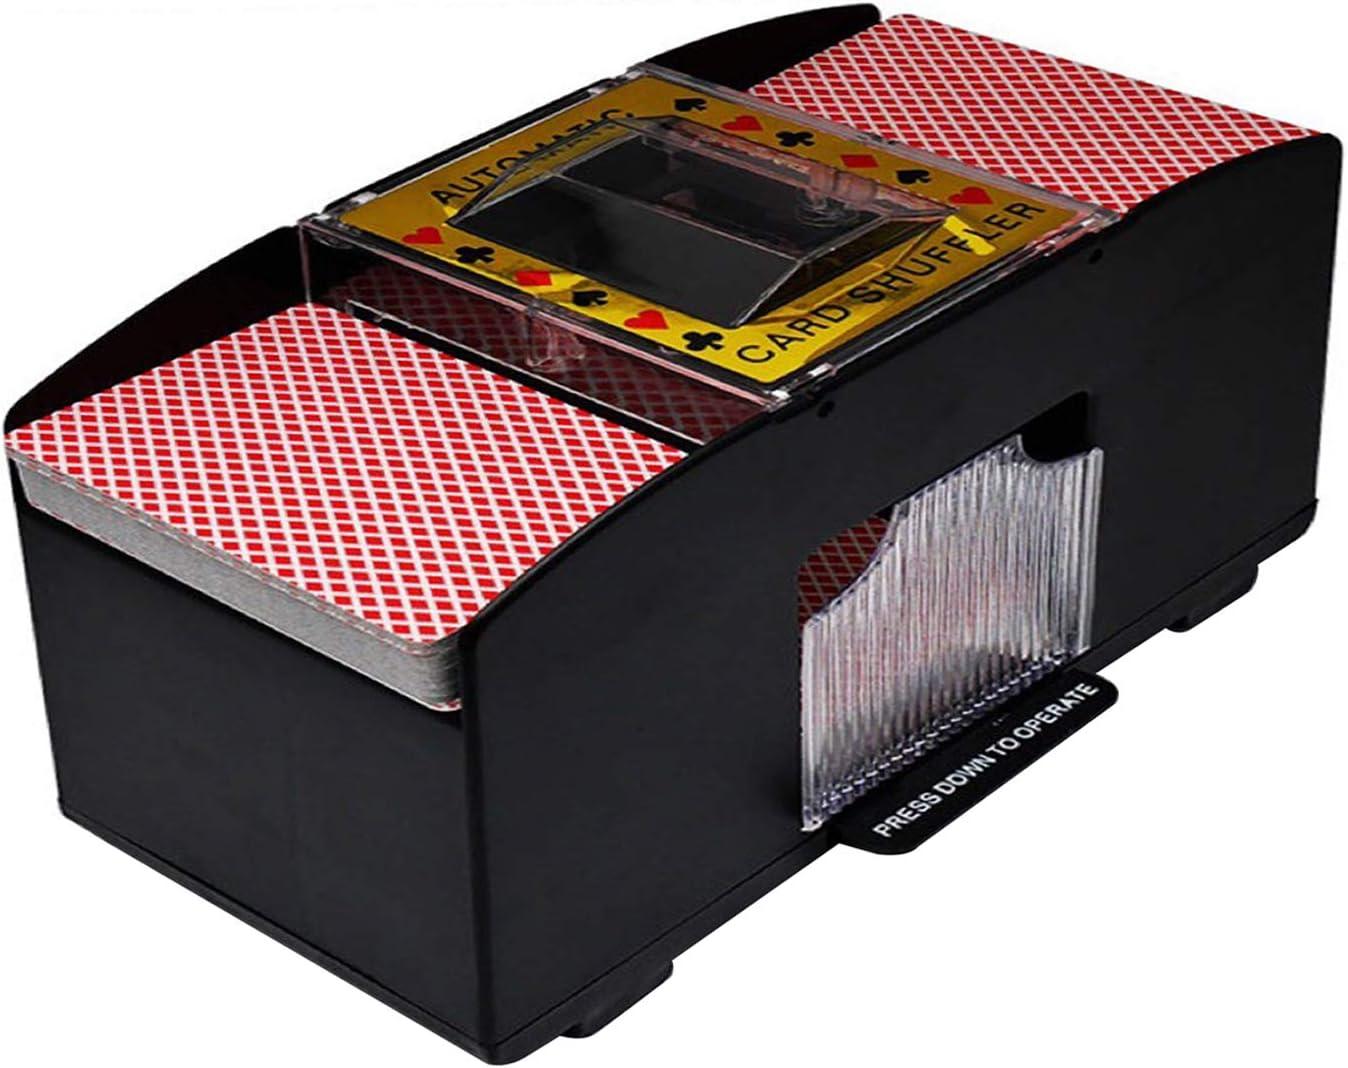 lanzador el/éctrico a pilas para el juego de puentes SHINROAD Juego de cartas de juego juego de cartas de pl/ástico para torneos en casa mezcla autom/ática de p/óquer juego mec/ánico 2 barras